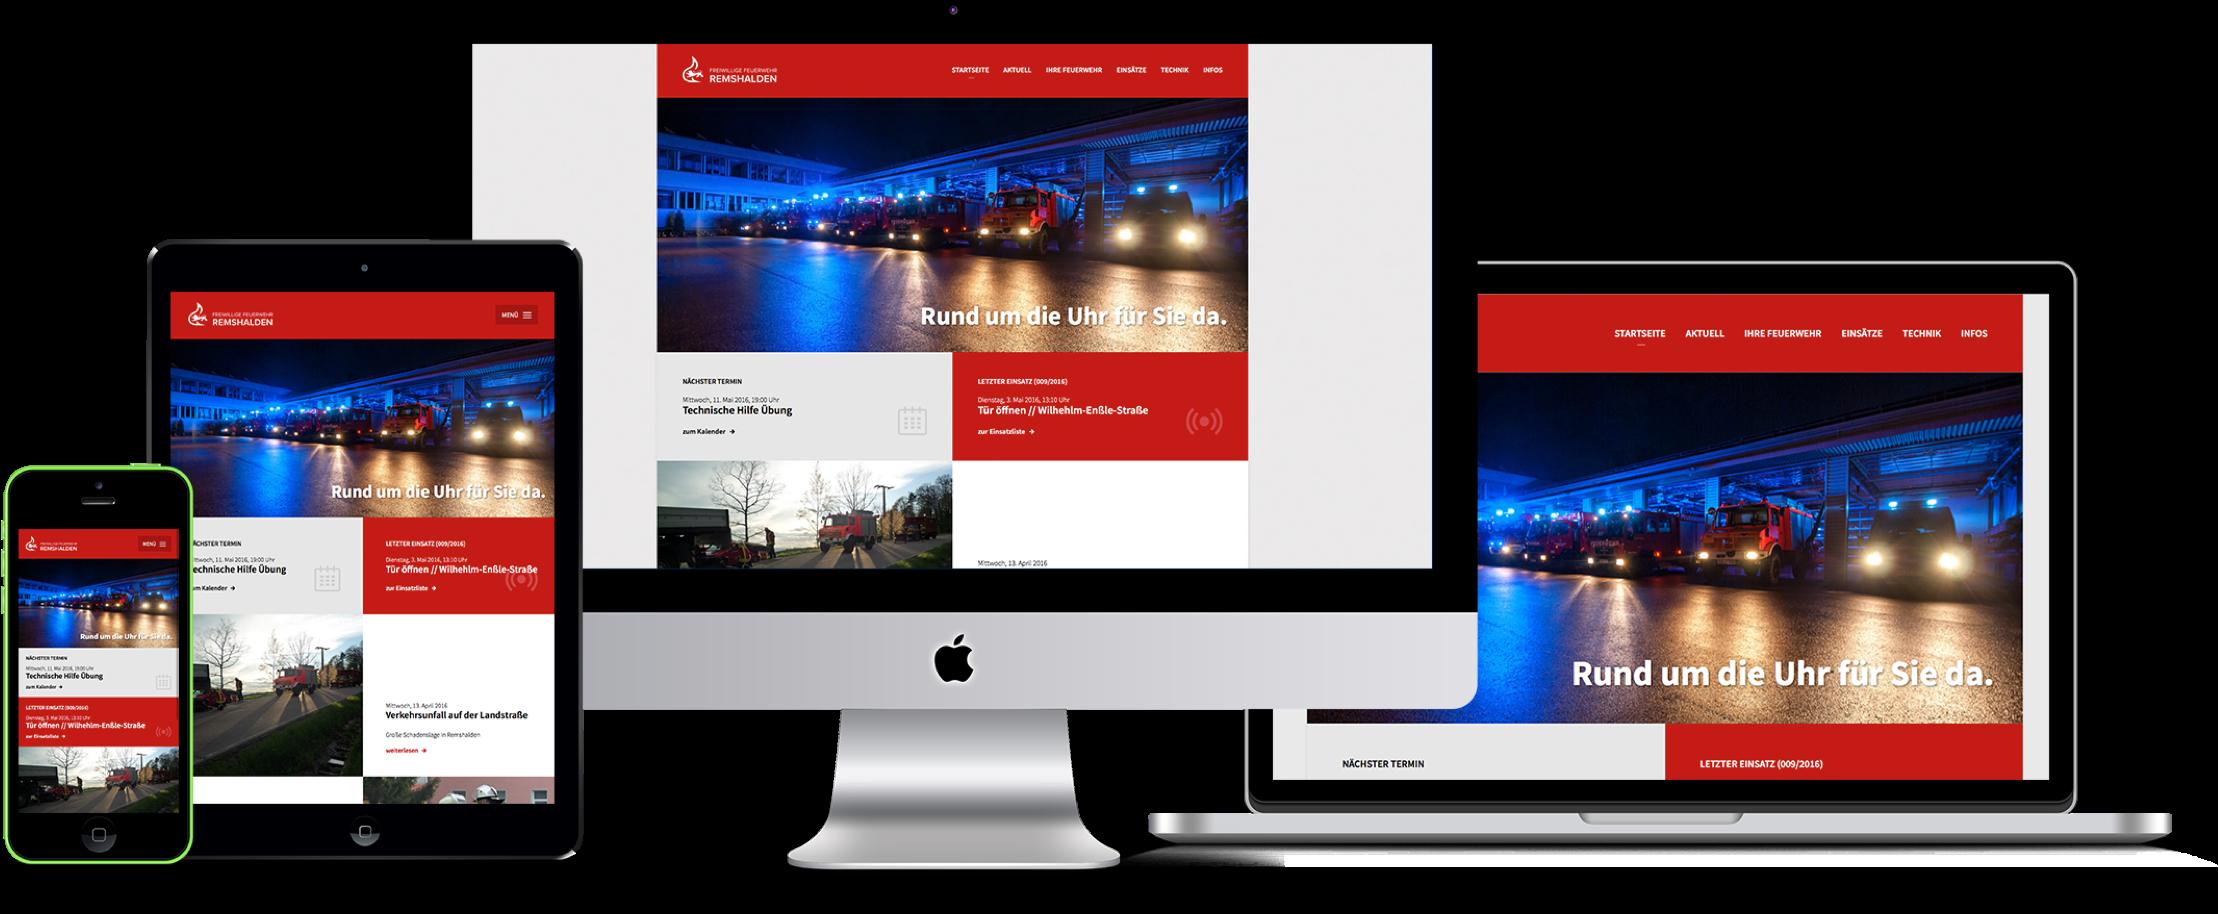 Mit unserer ausgefeilten responsiven Technik wird Deine Website auf allen Endgeräten optimal und ohne Inhalts- oder Qualitätsverlust dargestellt.